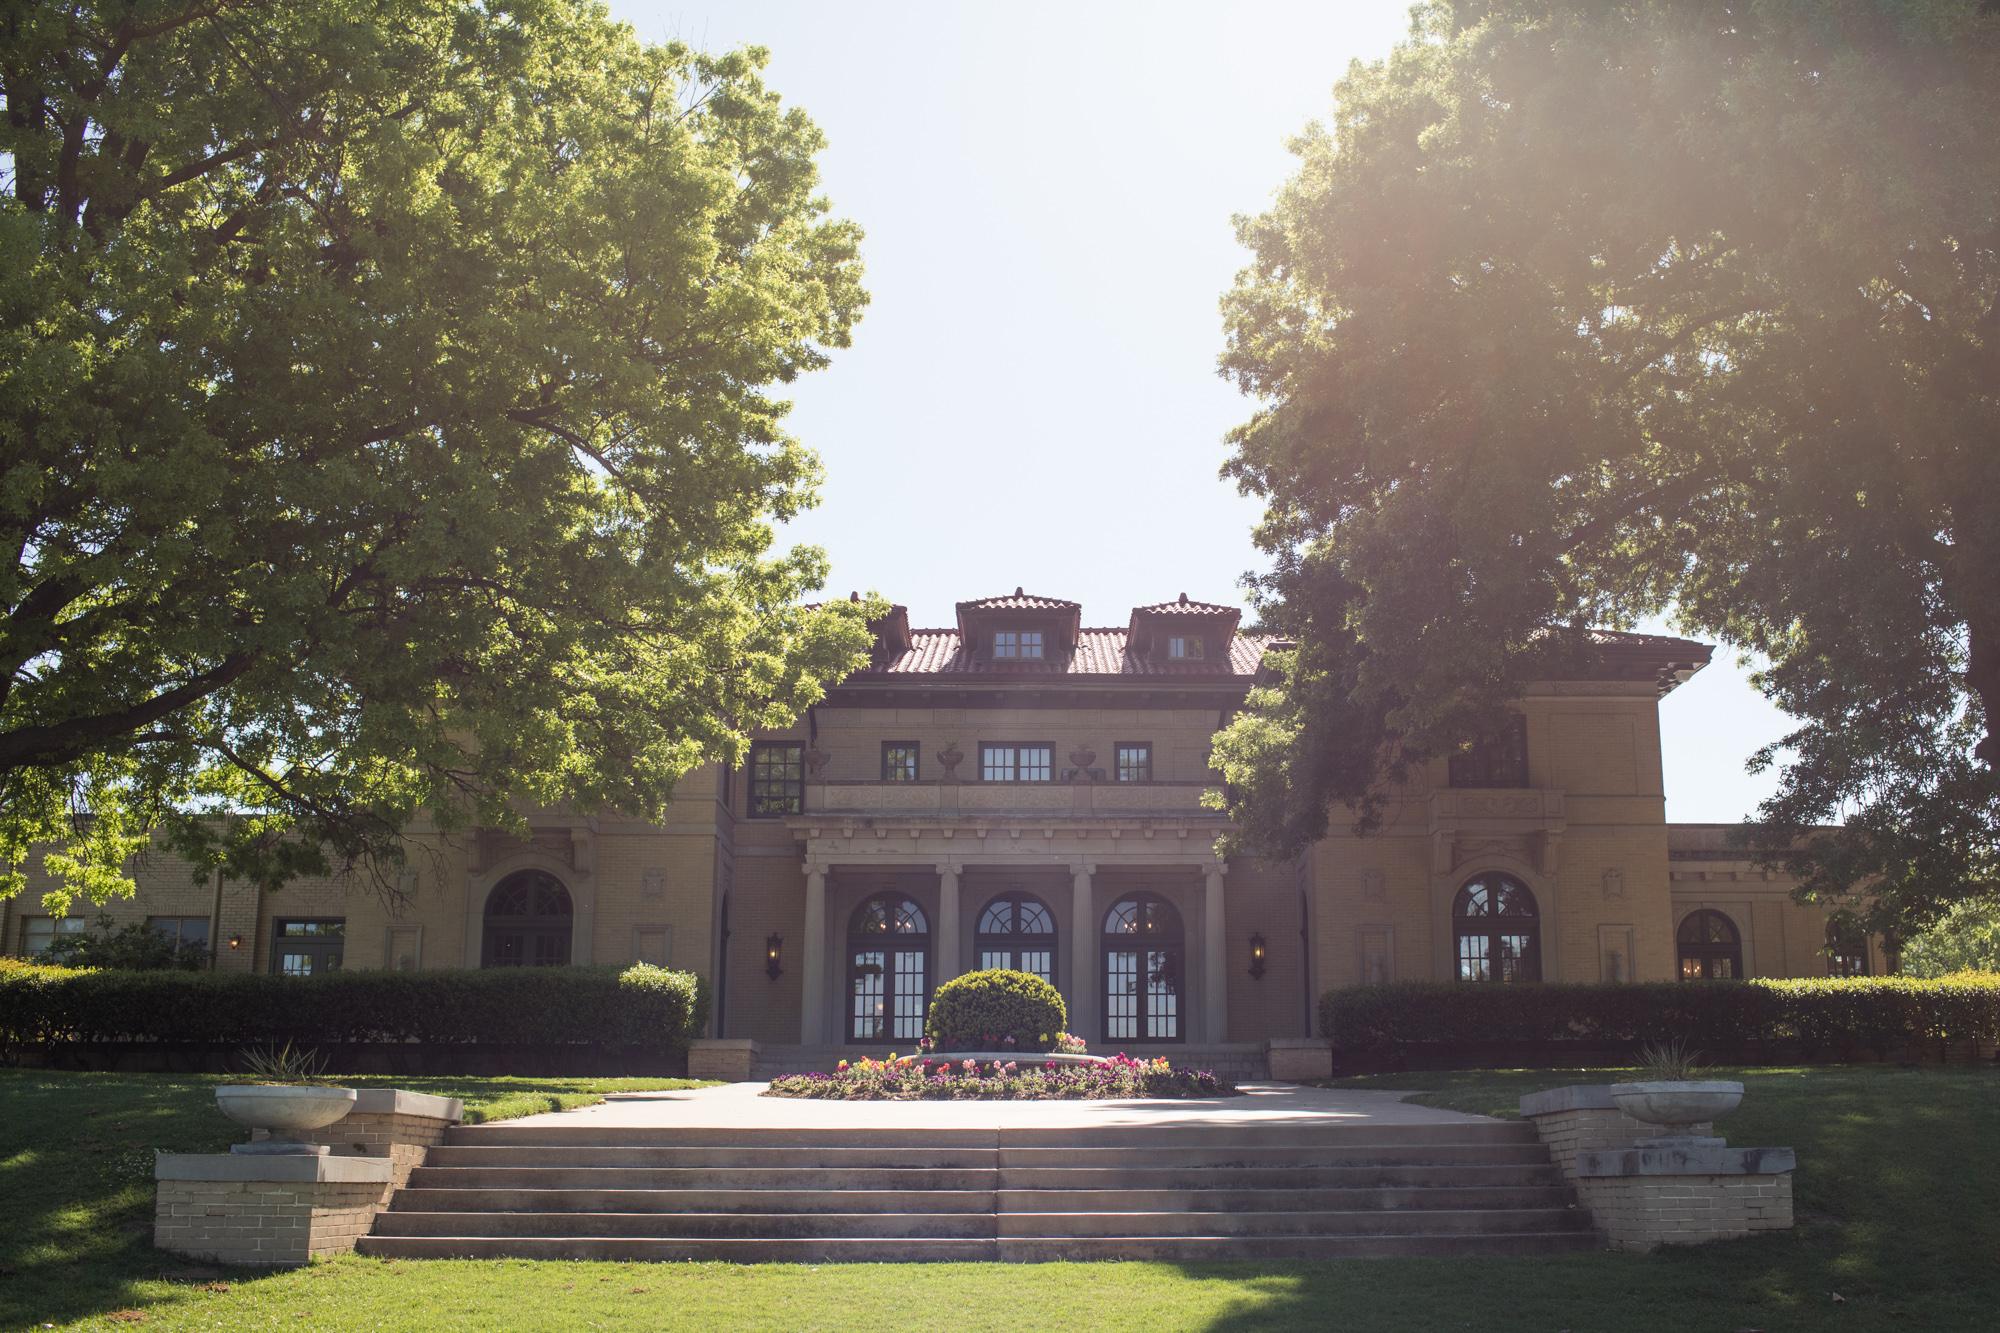 - Tulsa Garden Center